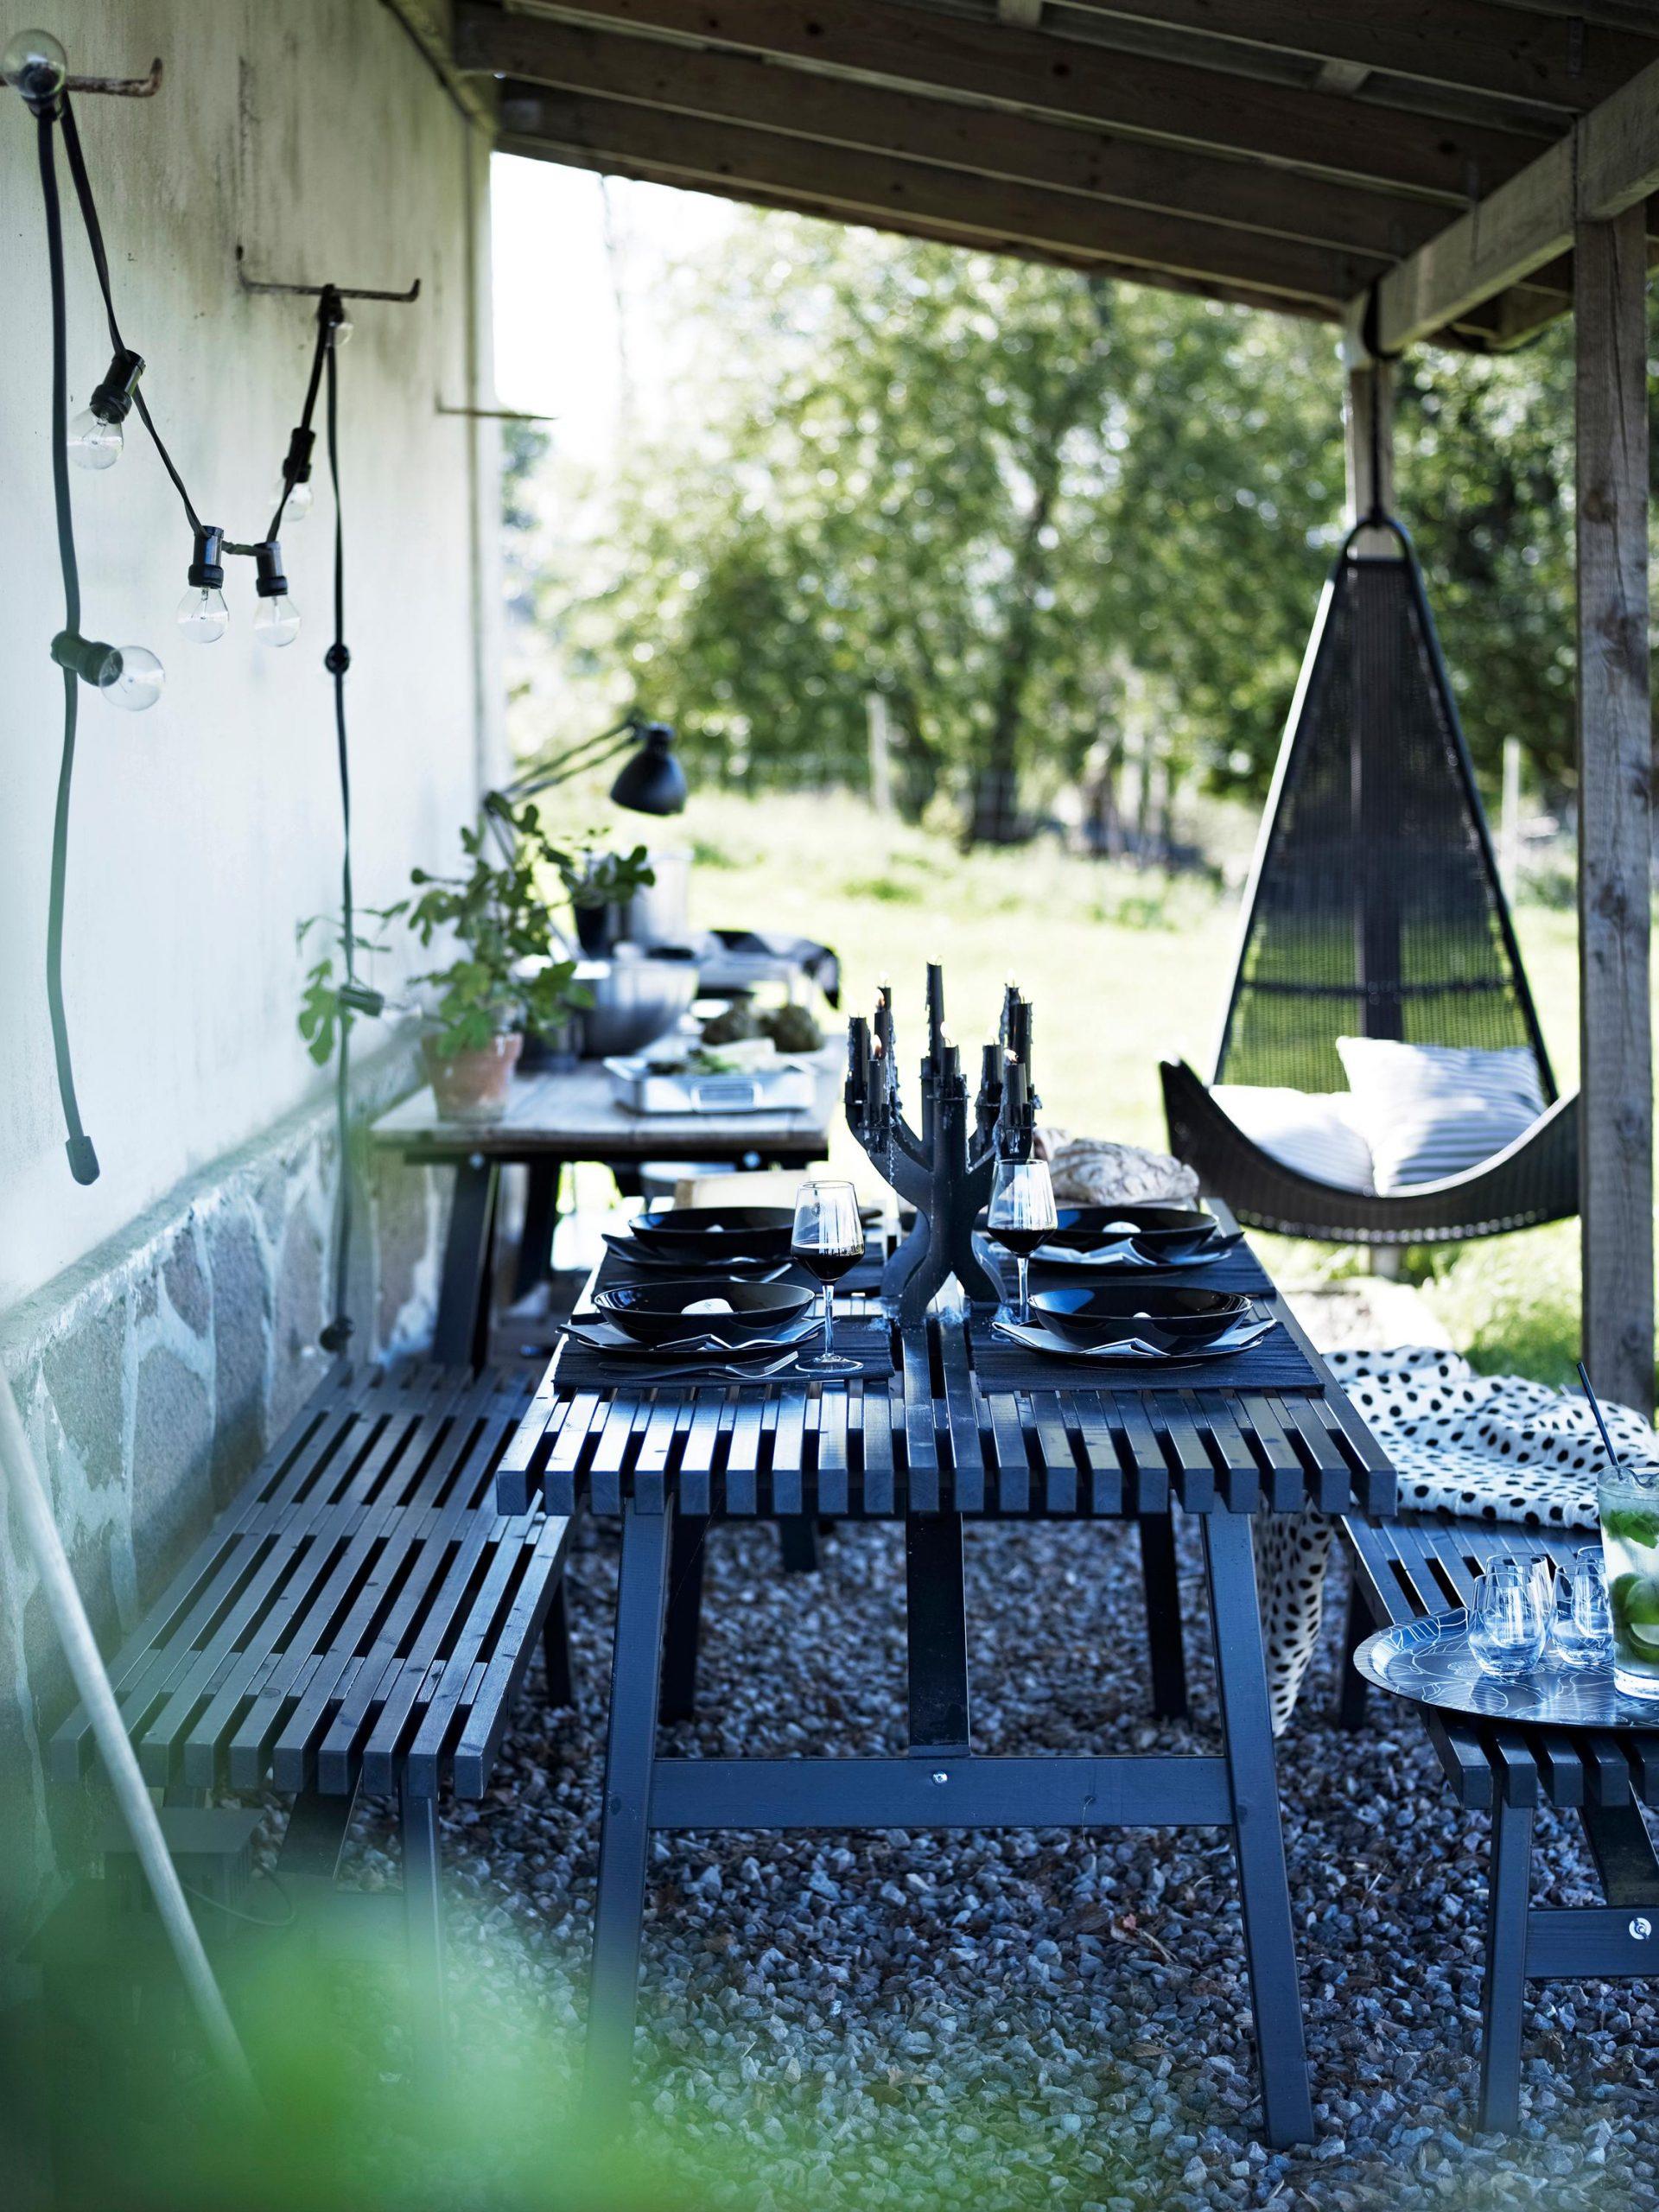 Full Size of Garten Mit Gemtlicher Sitzecke In Schwarz Terrasse Ikea Sofa Schlaffunktion Küche Kaufen Betten Bei Kosten Miniküche 160x200 Modulküche Wohnzimmer Ikea Gartentisch